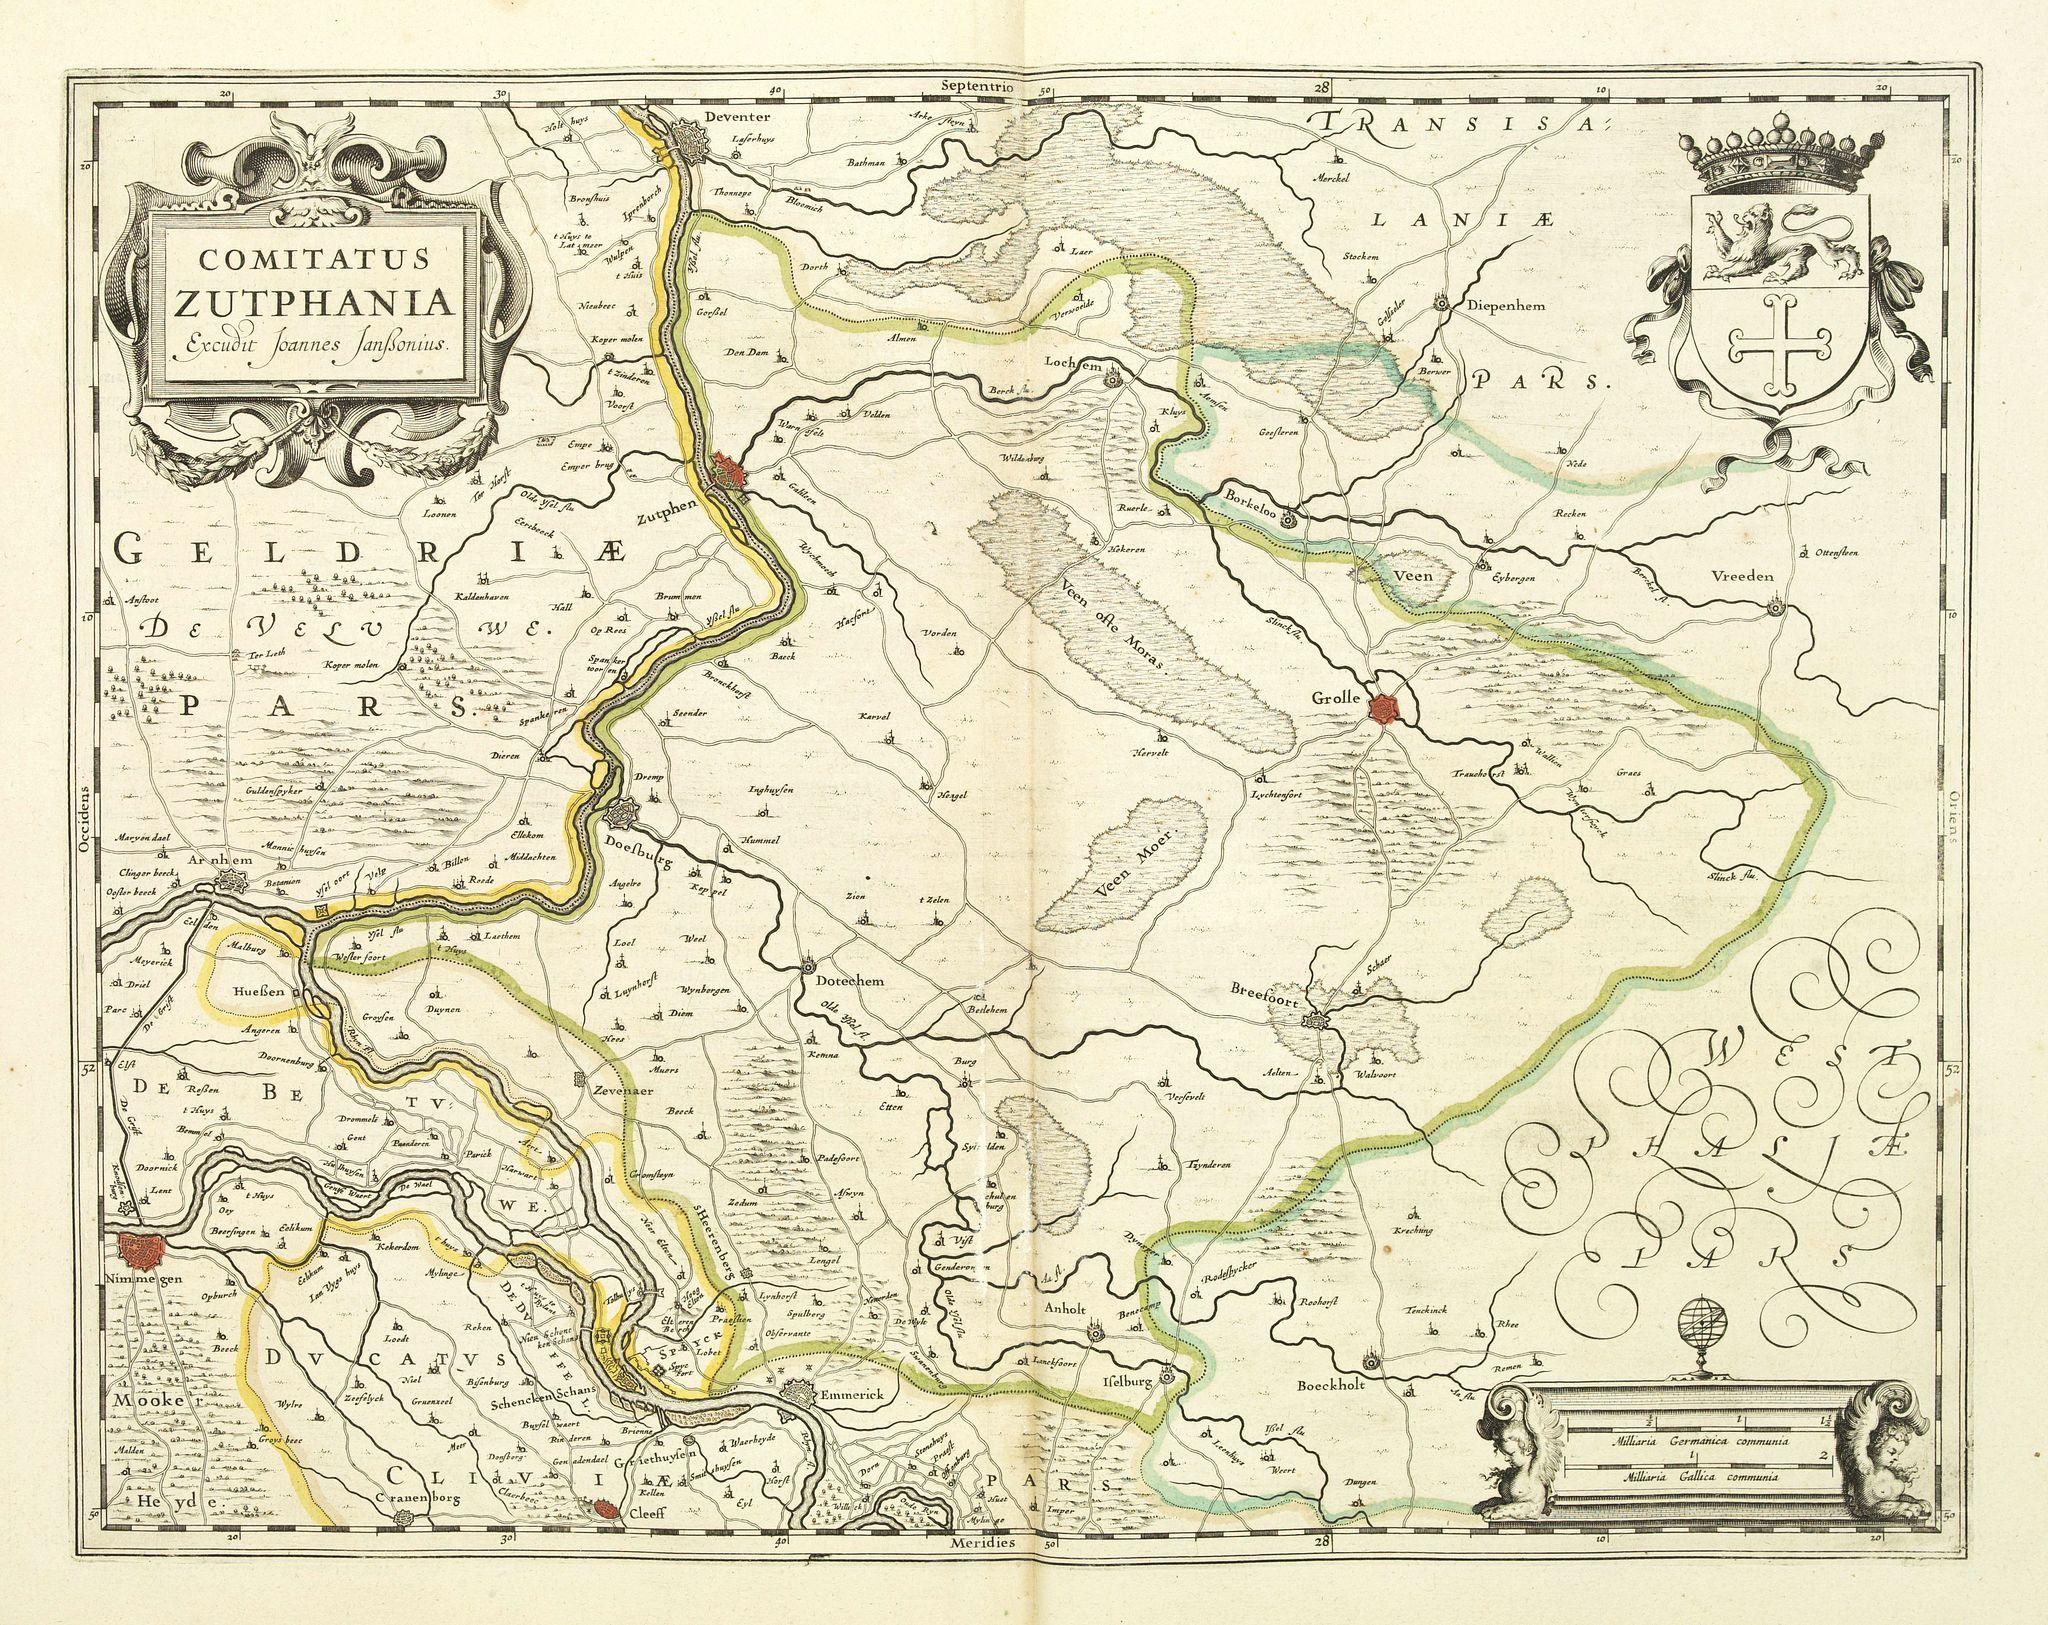 JANSSONIUS, J. -  Comitatus Zutphania.